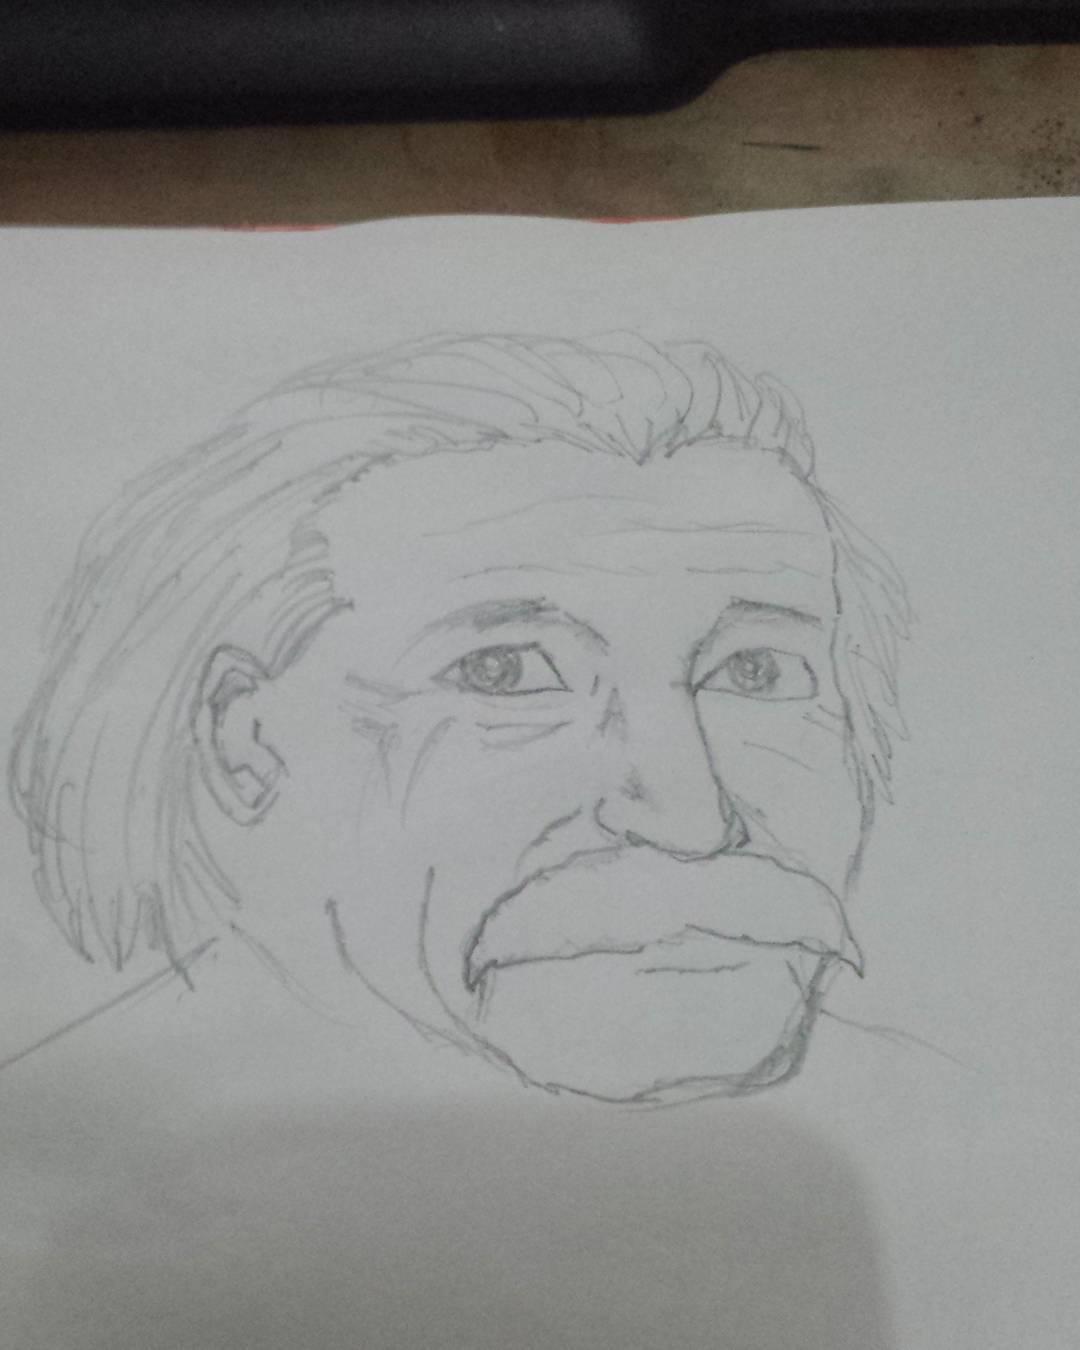 Happy birthday Albert Einstein! #sketchdaily